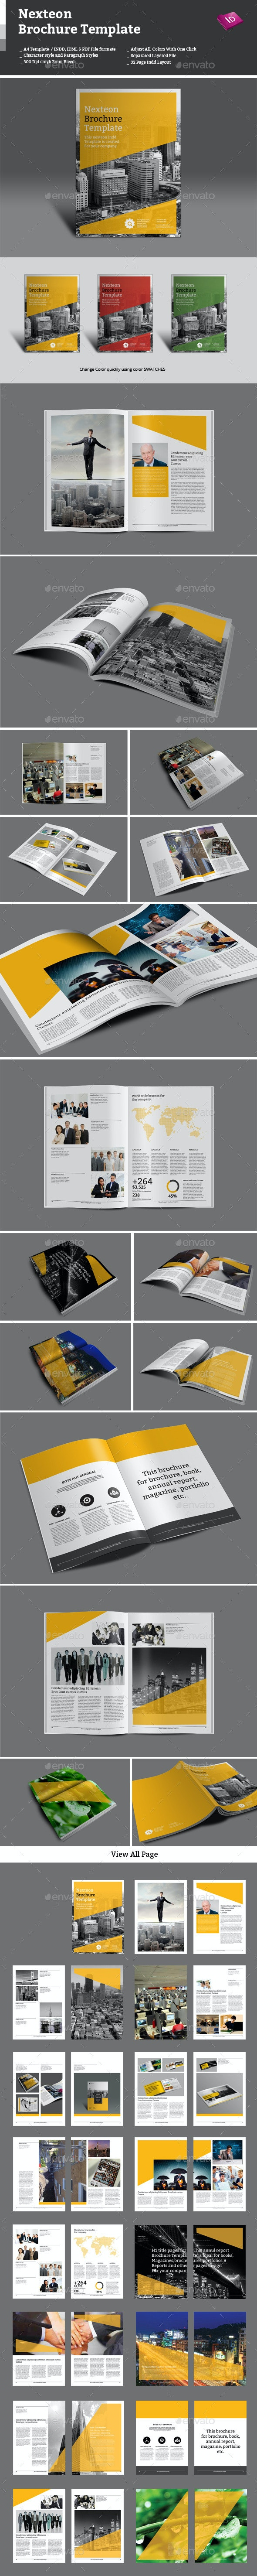 Nexteon Brochure Template - Corporate Brochures